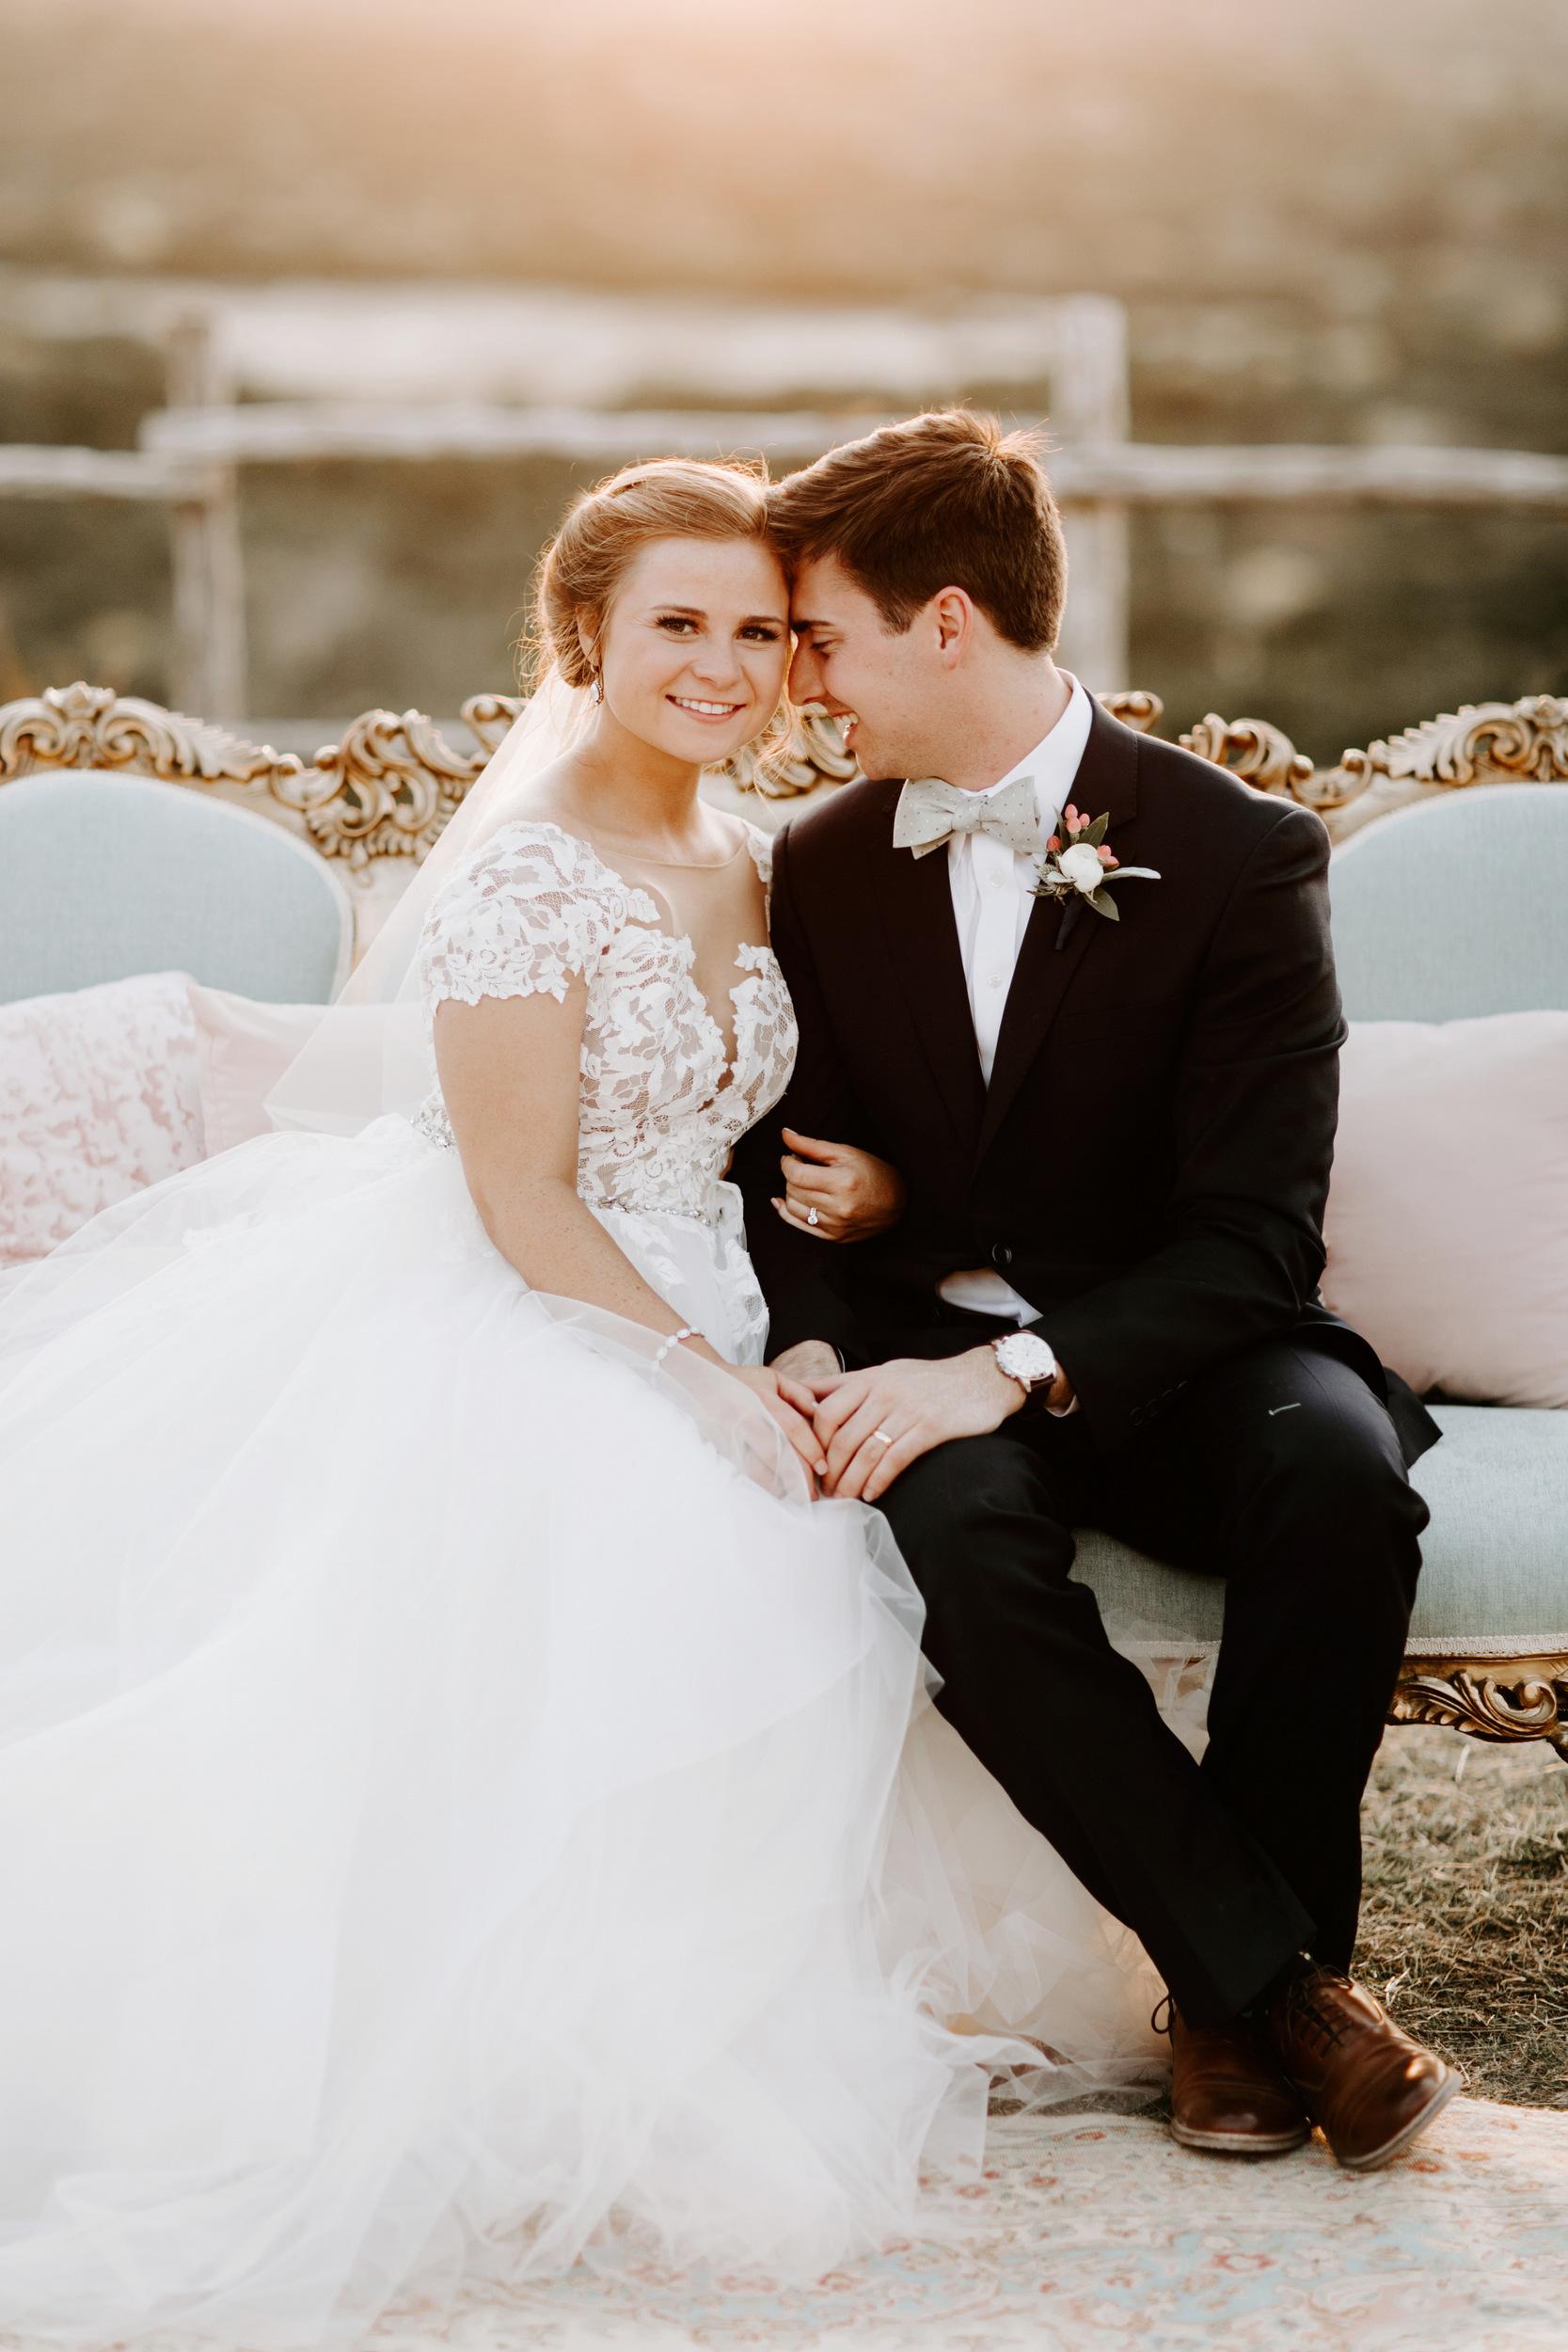 1-MADDY + PATRICK WEDDING_HALEY RYNN RINGO_rent my dust_p (55).jpg